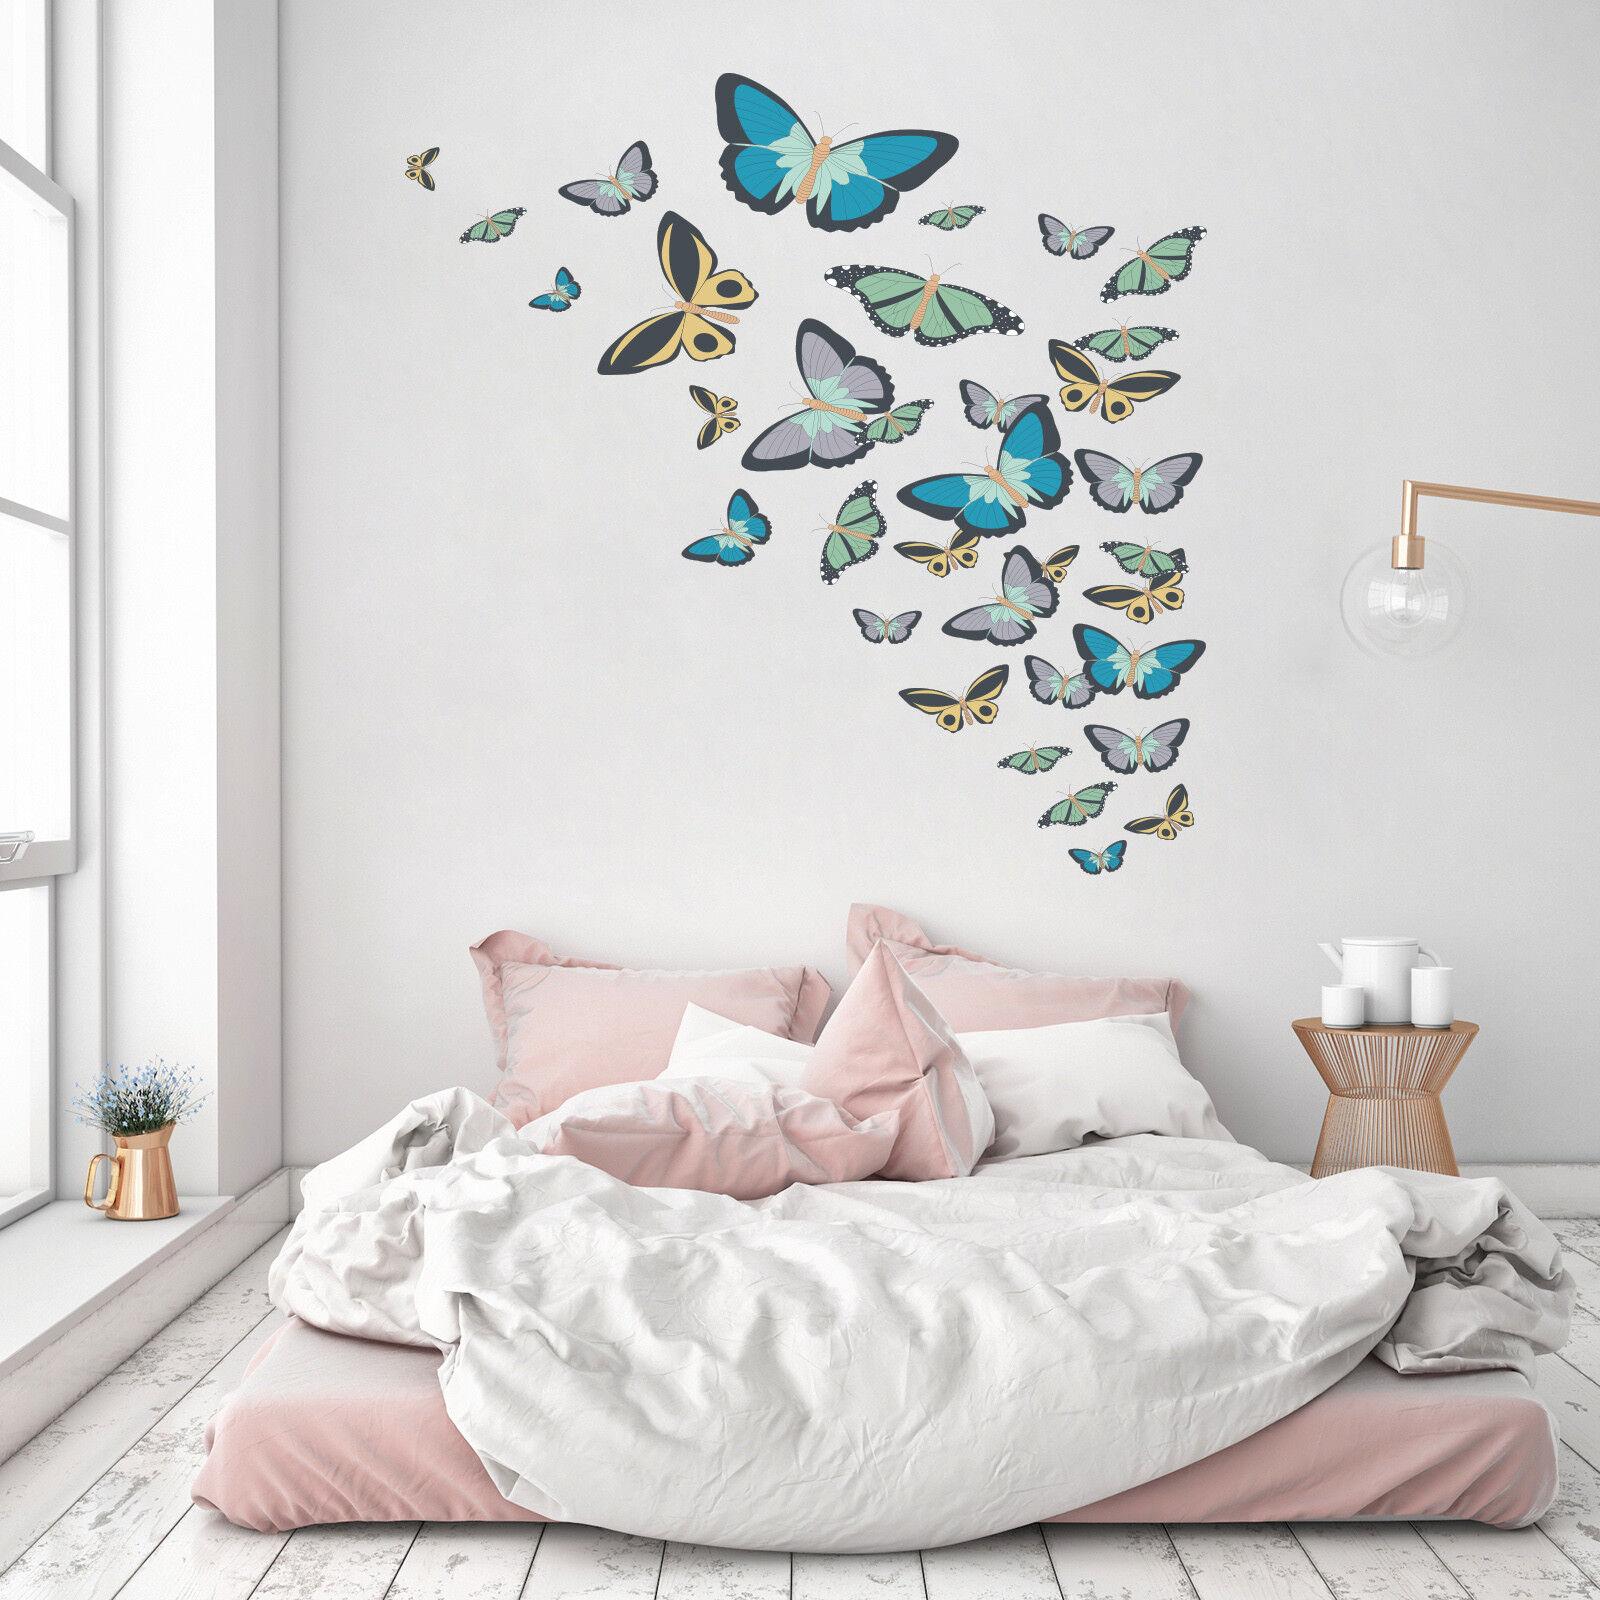 3D Butterfly Group 4 Wallpaper Mural Floor Wall Print Decal Wall Sticker UK